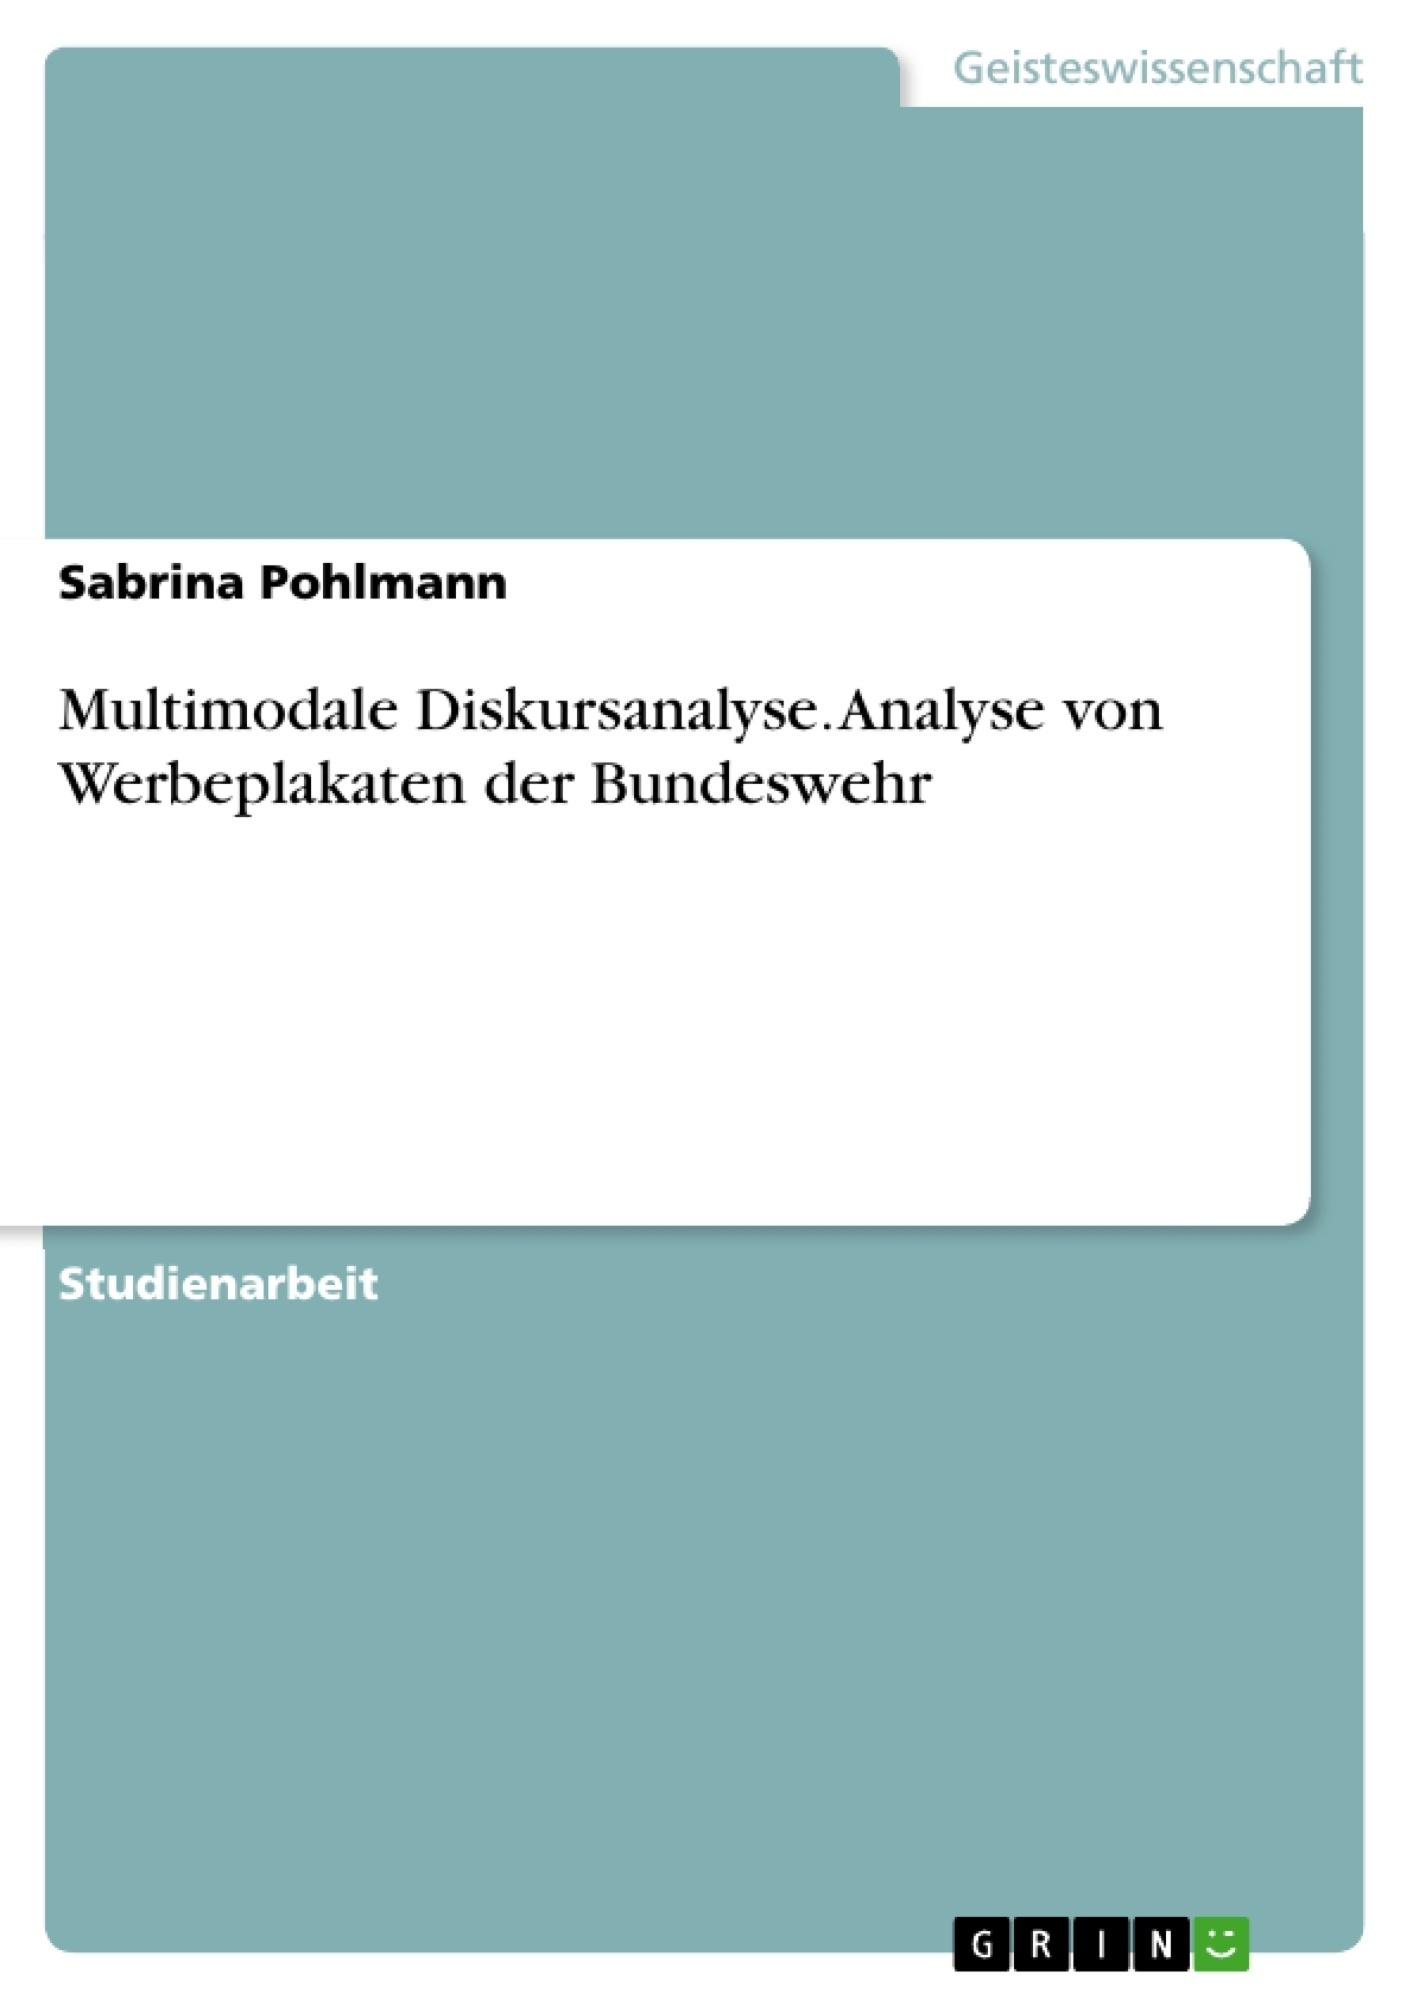 Titel: Multimodale Diskursanalyse. Analyse von Werbeplakaten der Bundeswehr